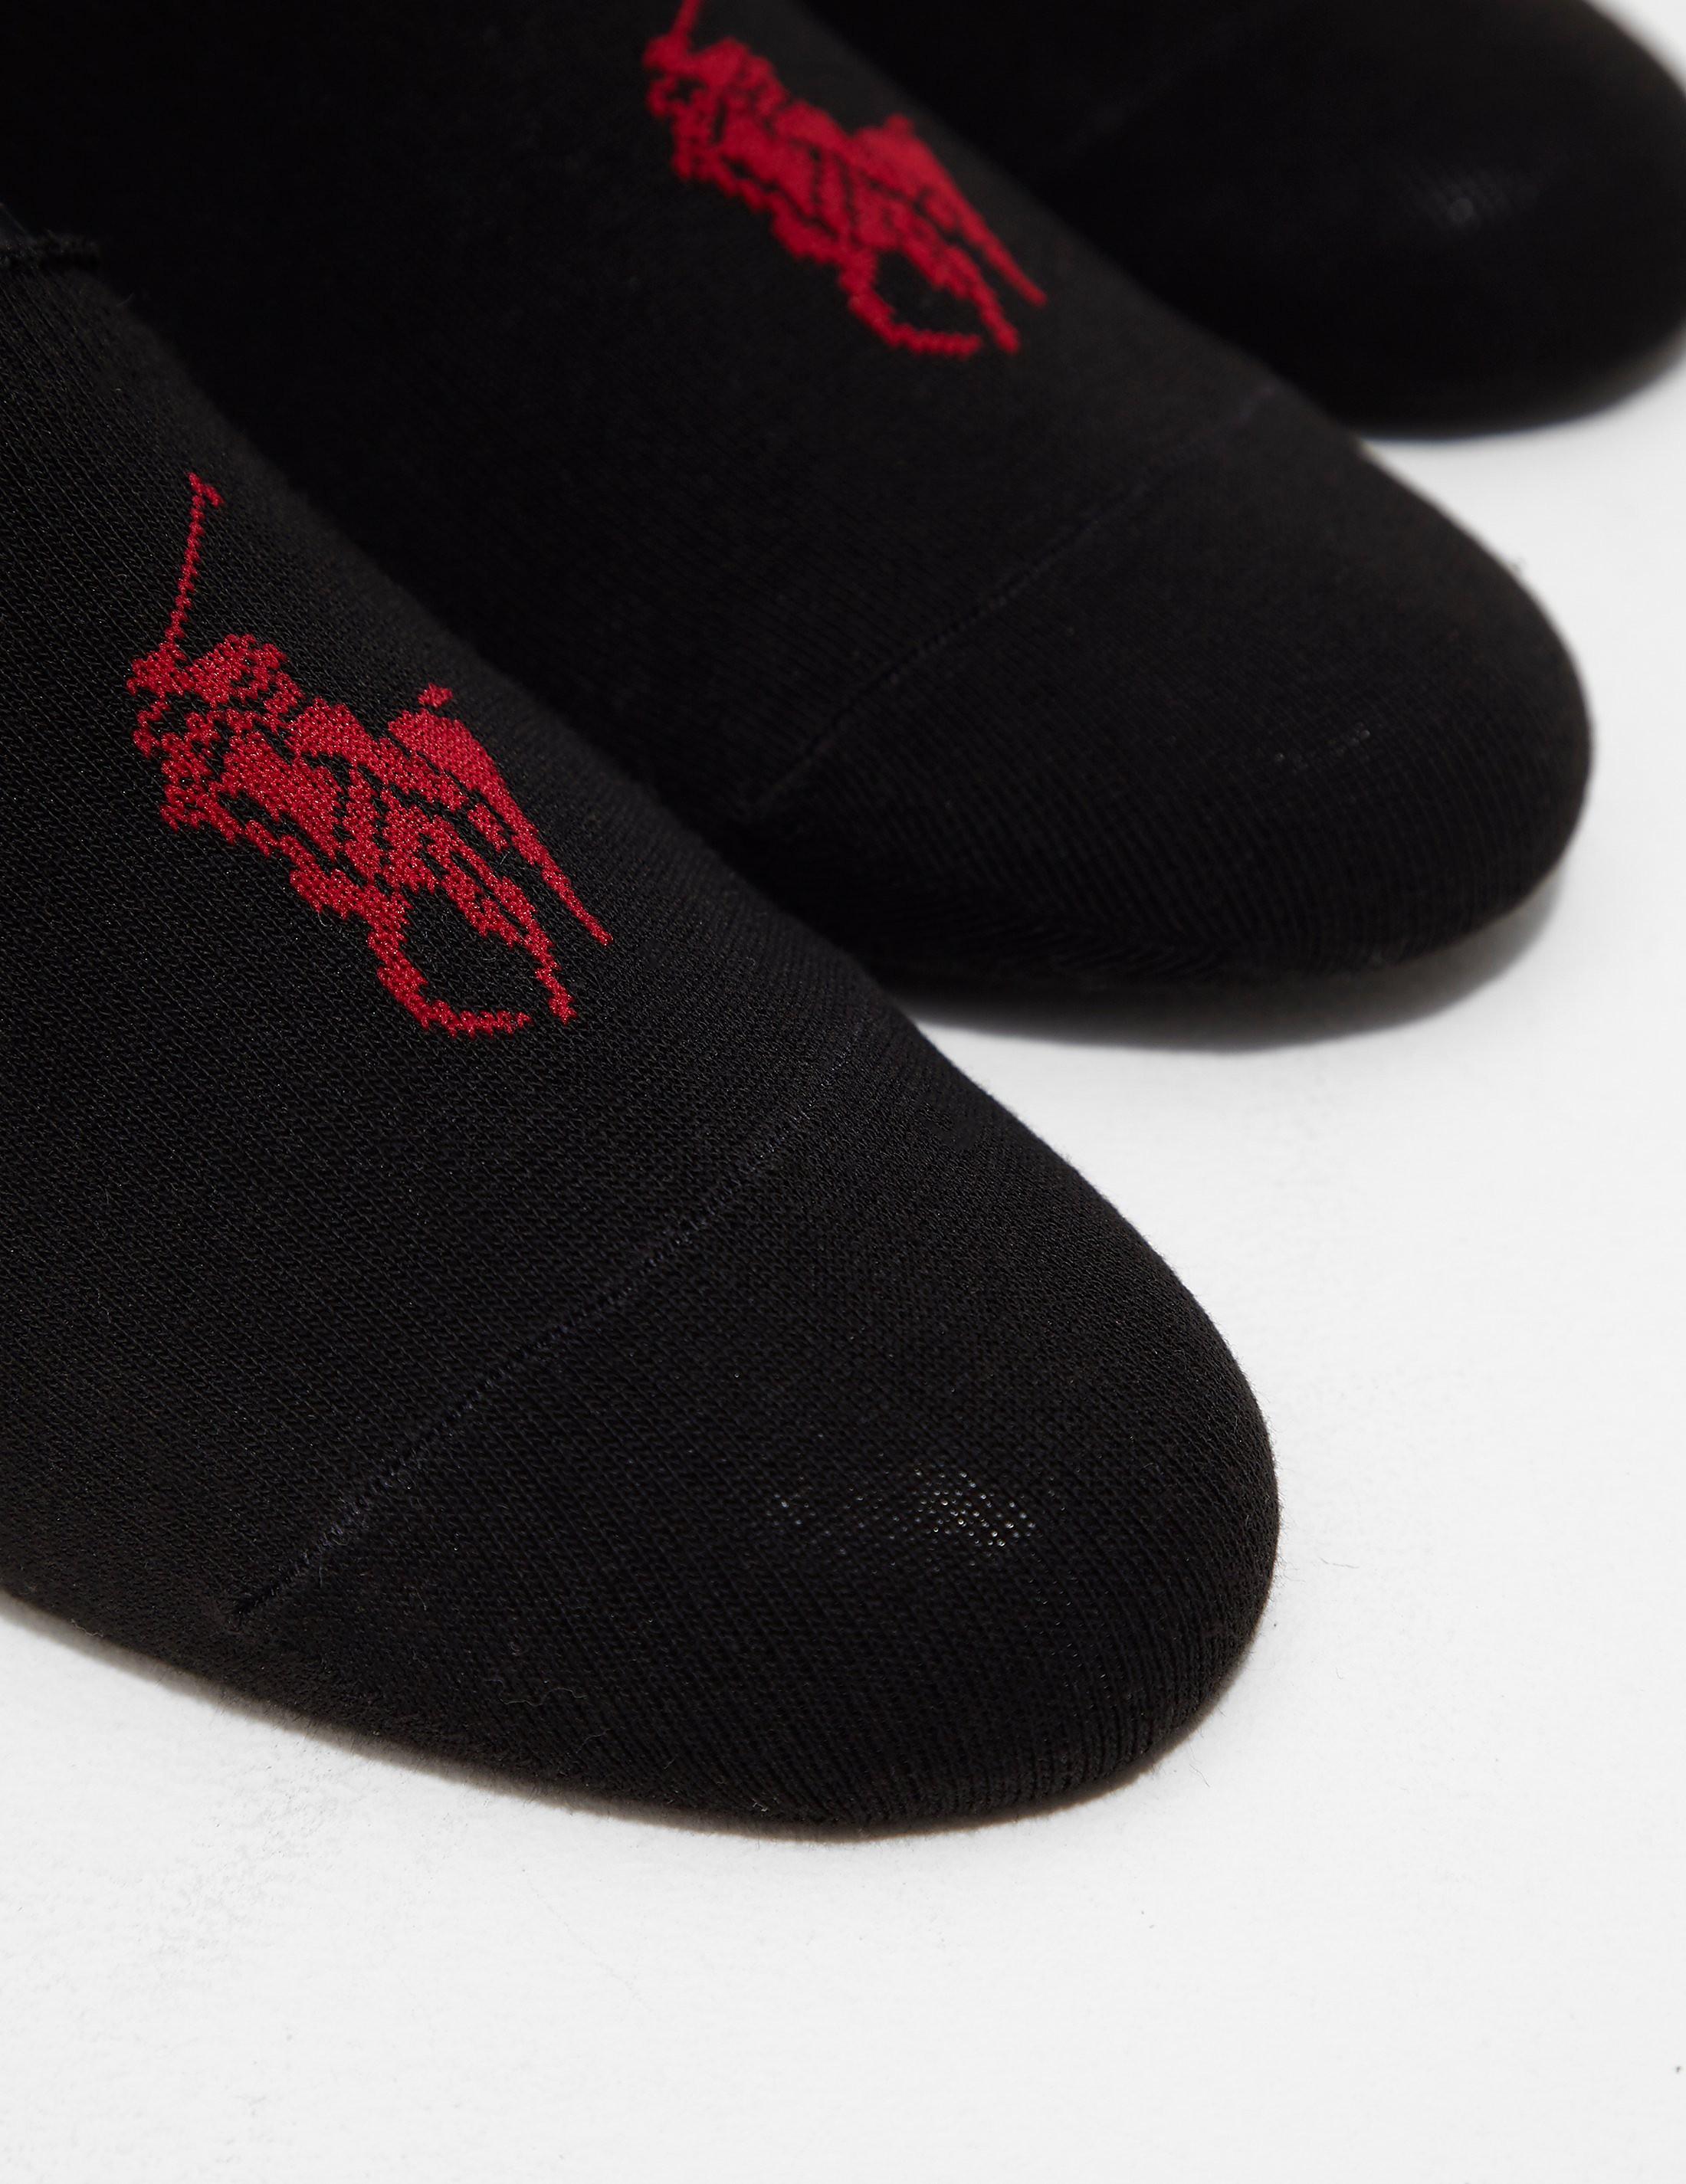 Polo Ralph Lauren 3-Pack Shoe Liner Socks